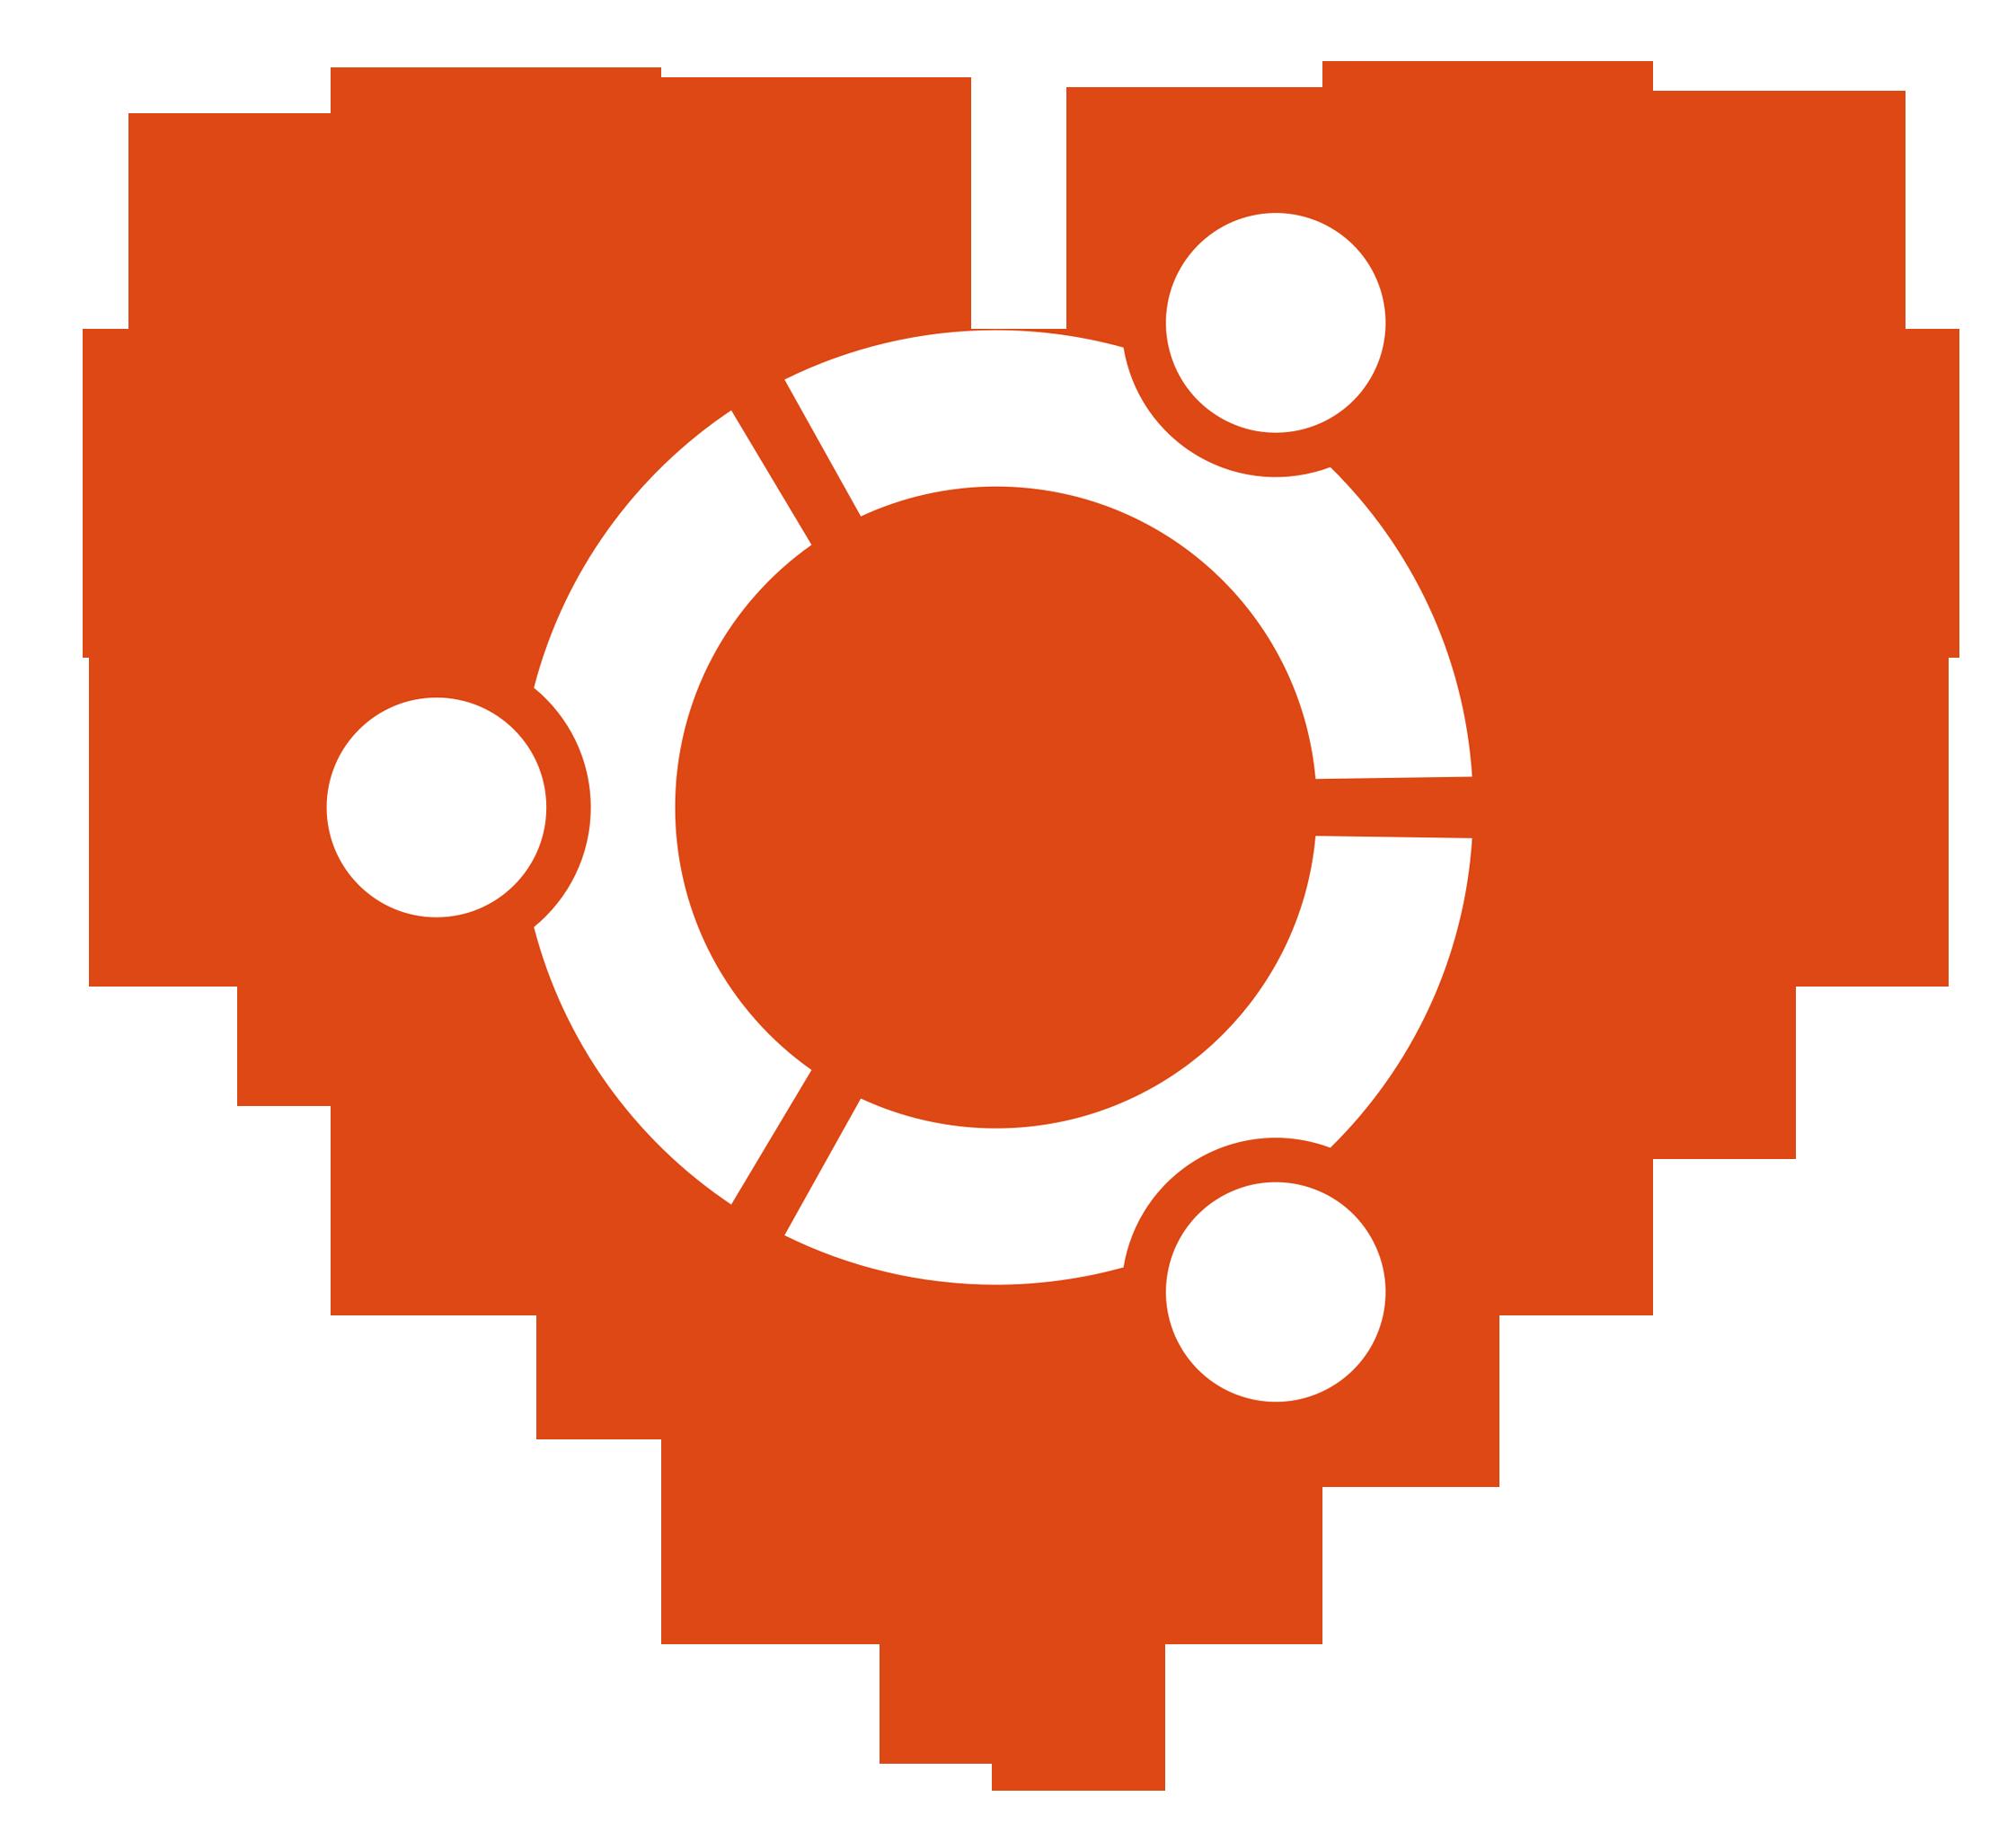 Ubuntu-Heart-Logo-Icon-PNG